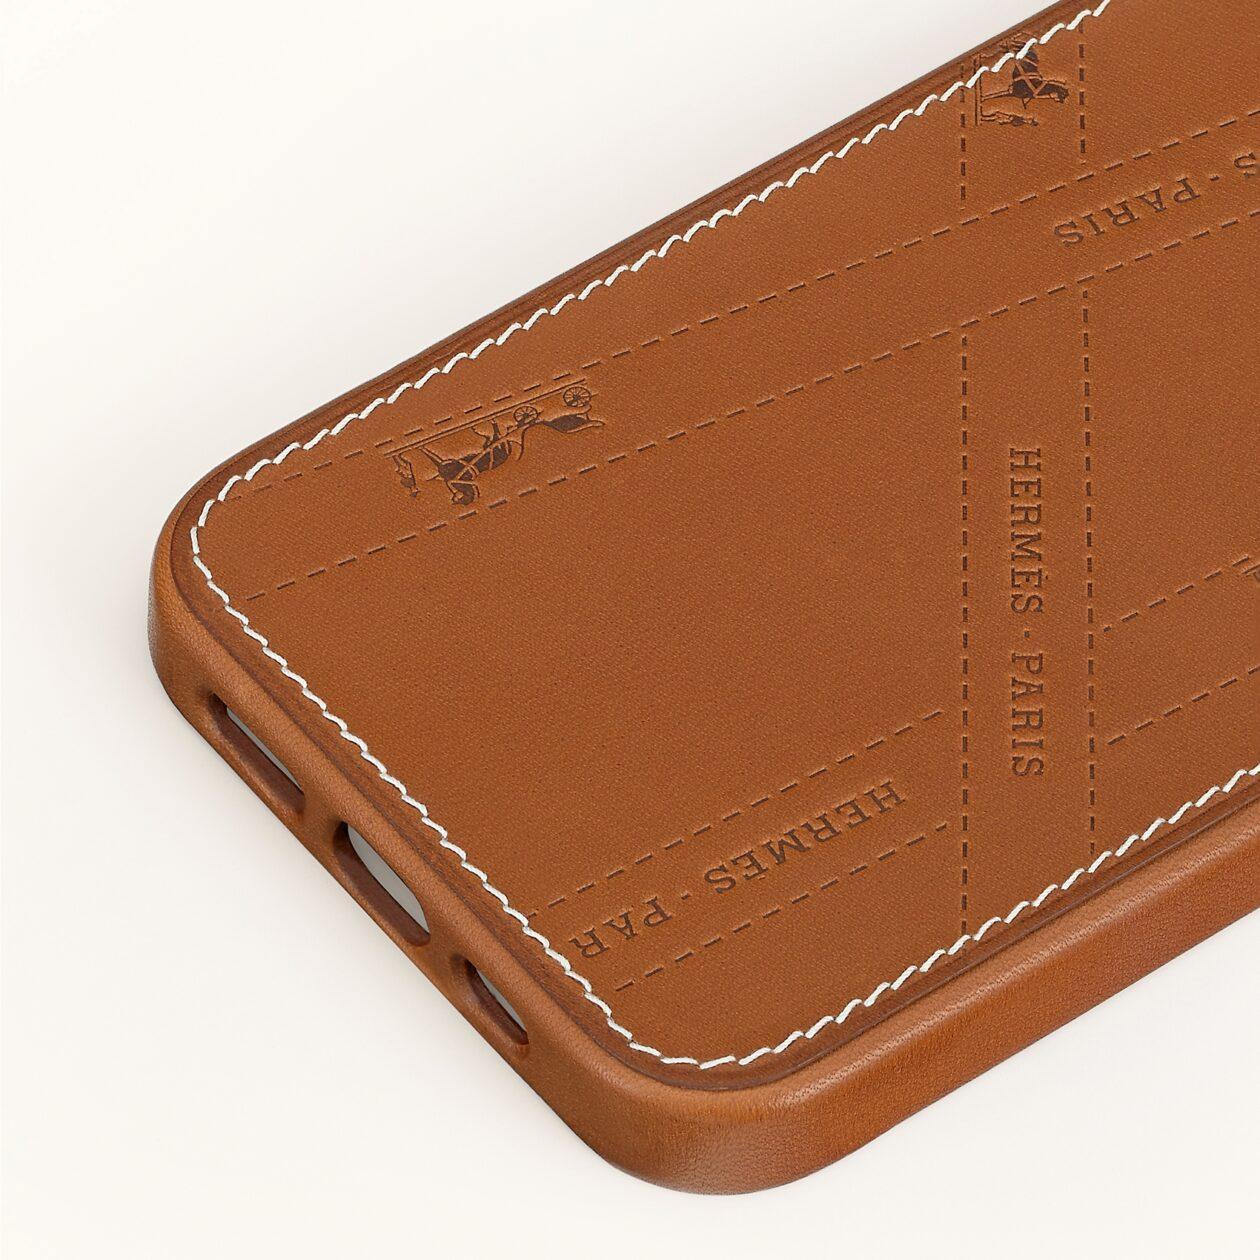 Case da Hermès para iPhones 12 e 12 Pro